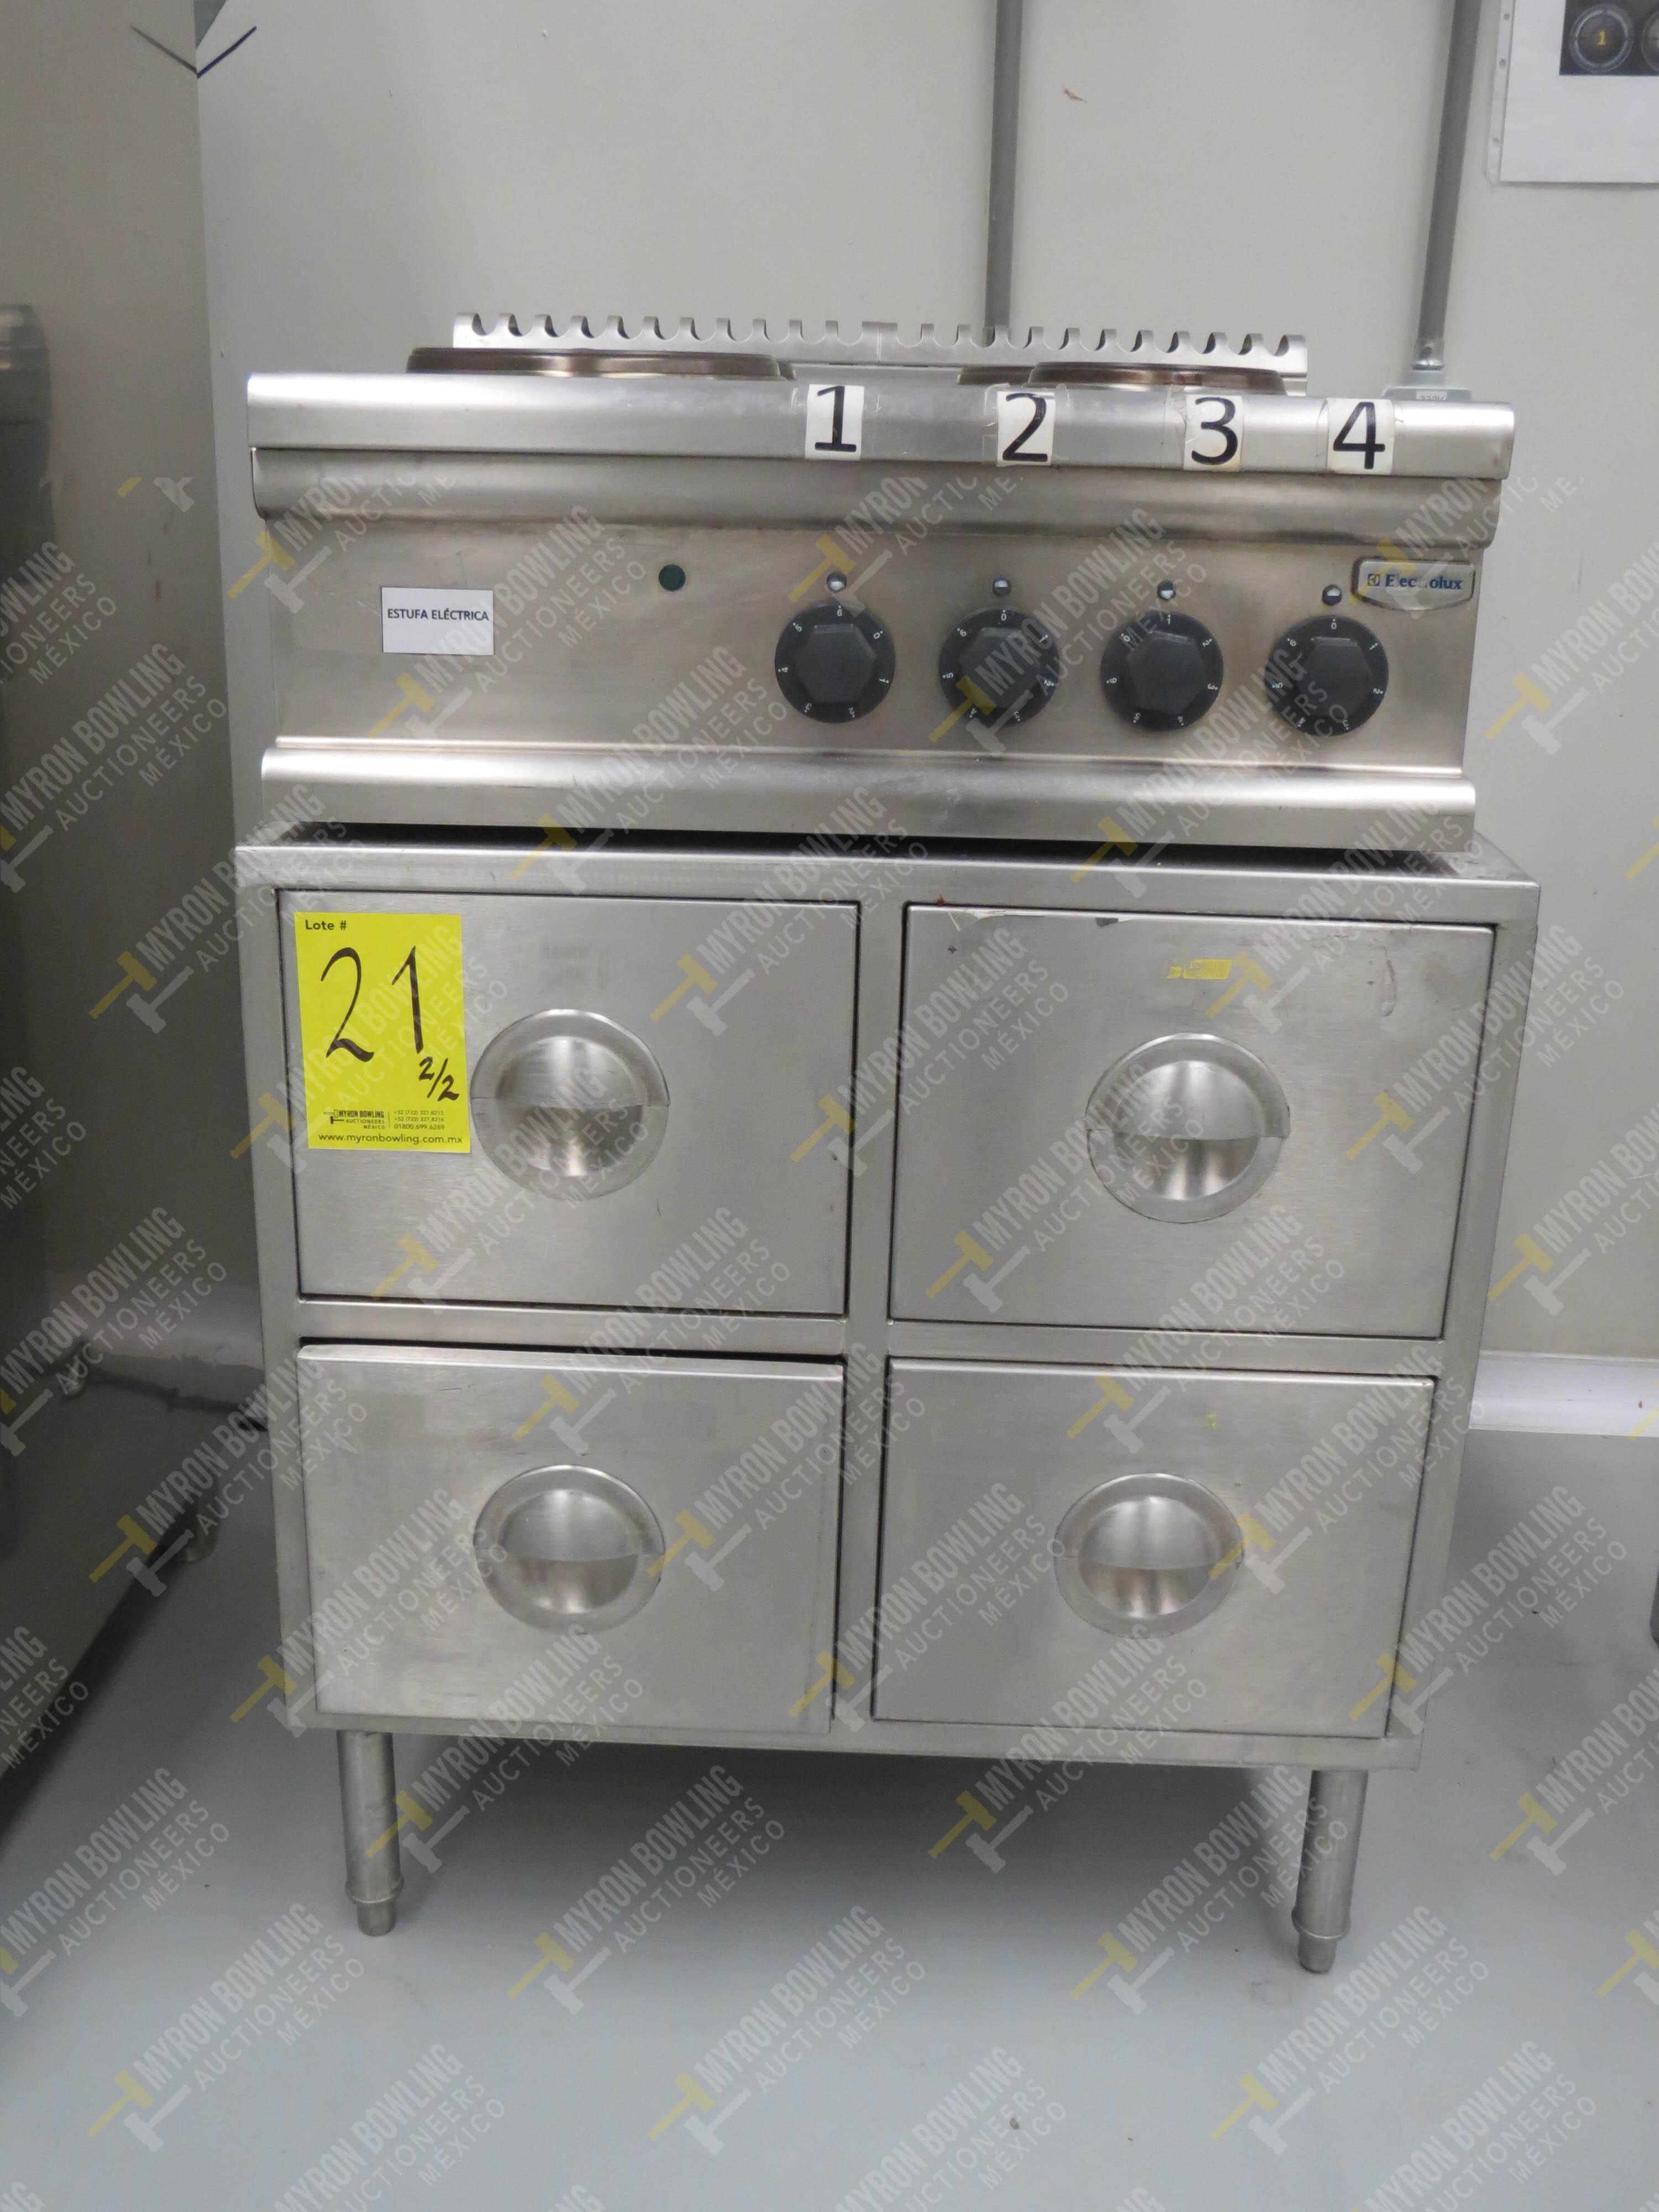 Estufa eléctrica de cuatro quemadores marca Electrolux de medidas 70 x 70 x 30 cm, … - Image 3 of 6